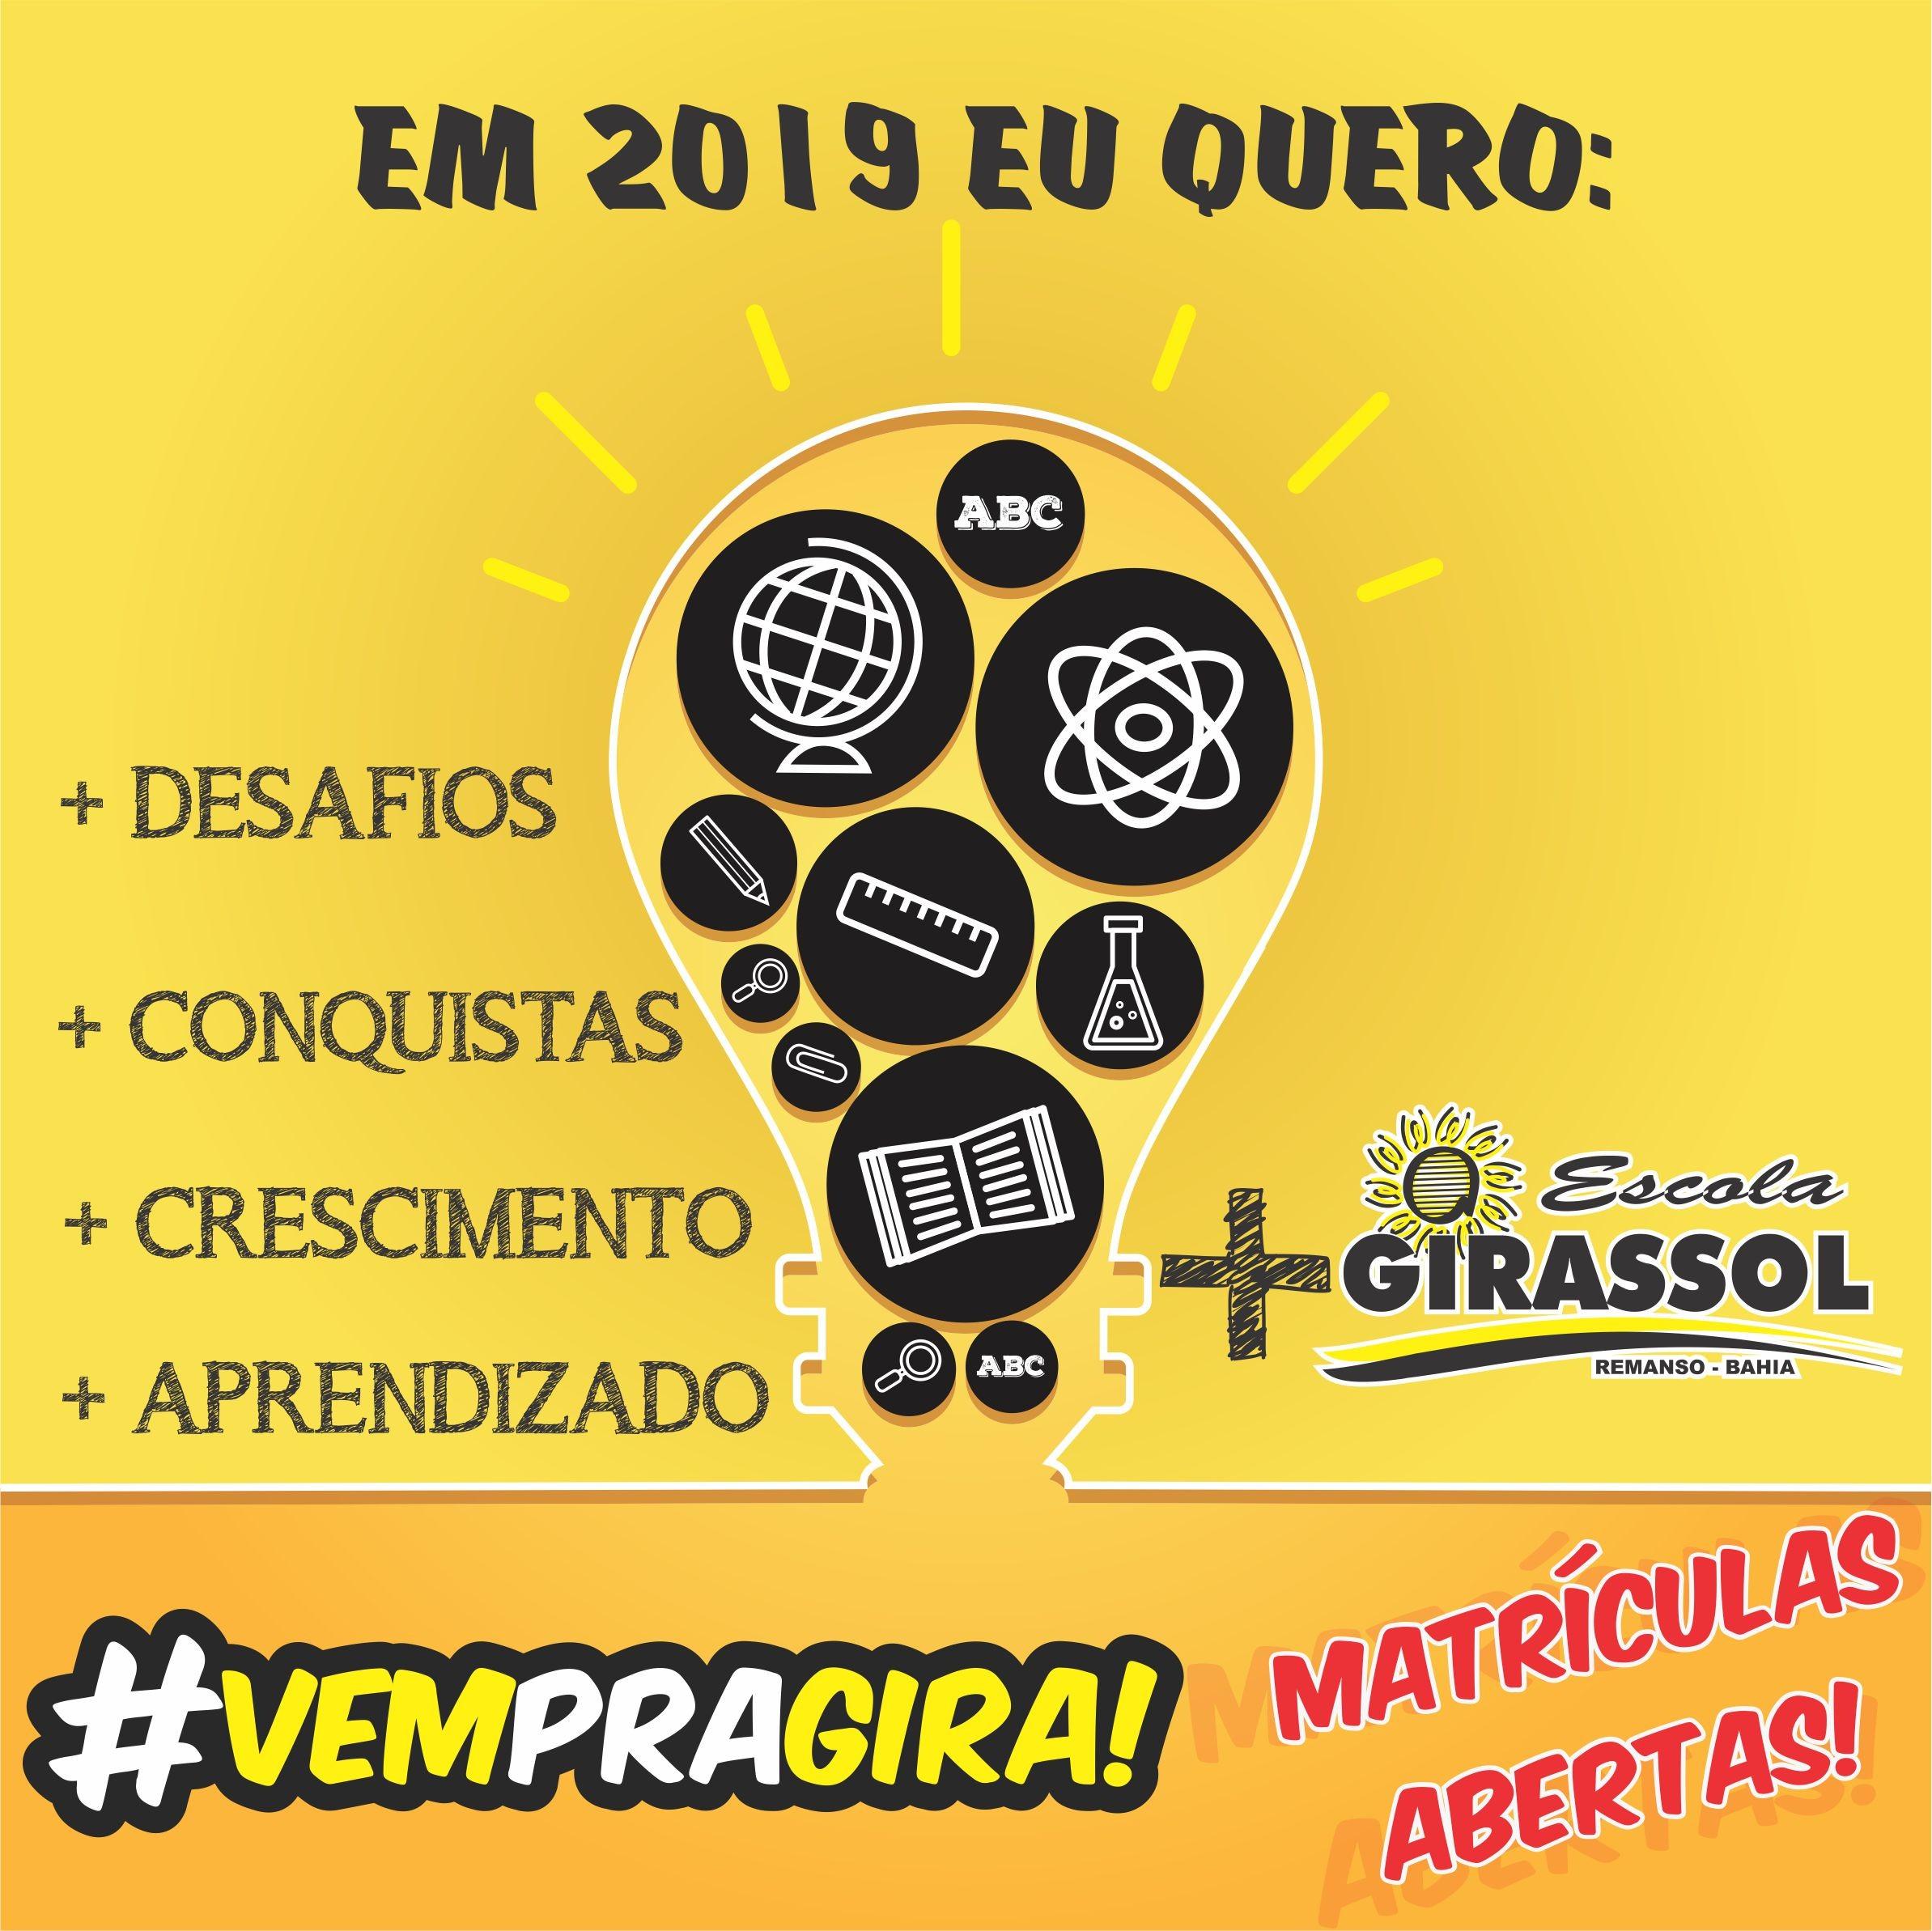 Escola Girassol Remanso Bahia Uma hist³ria de educa§£o